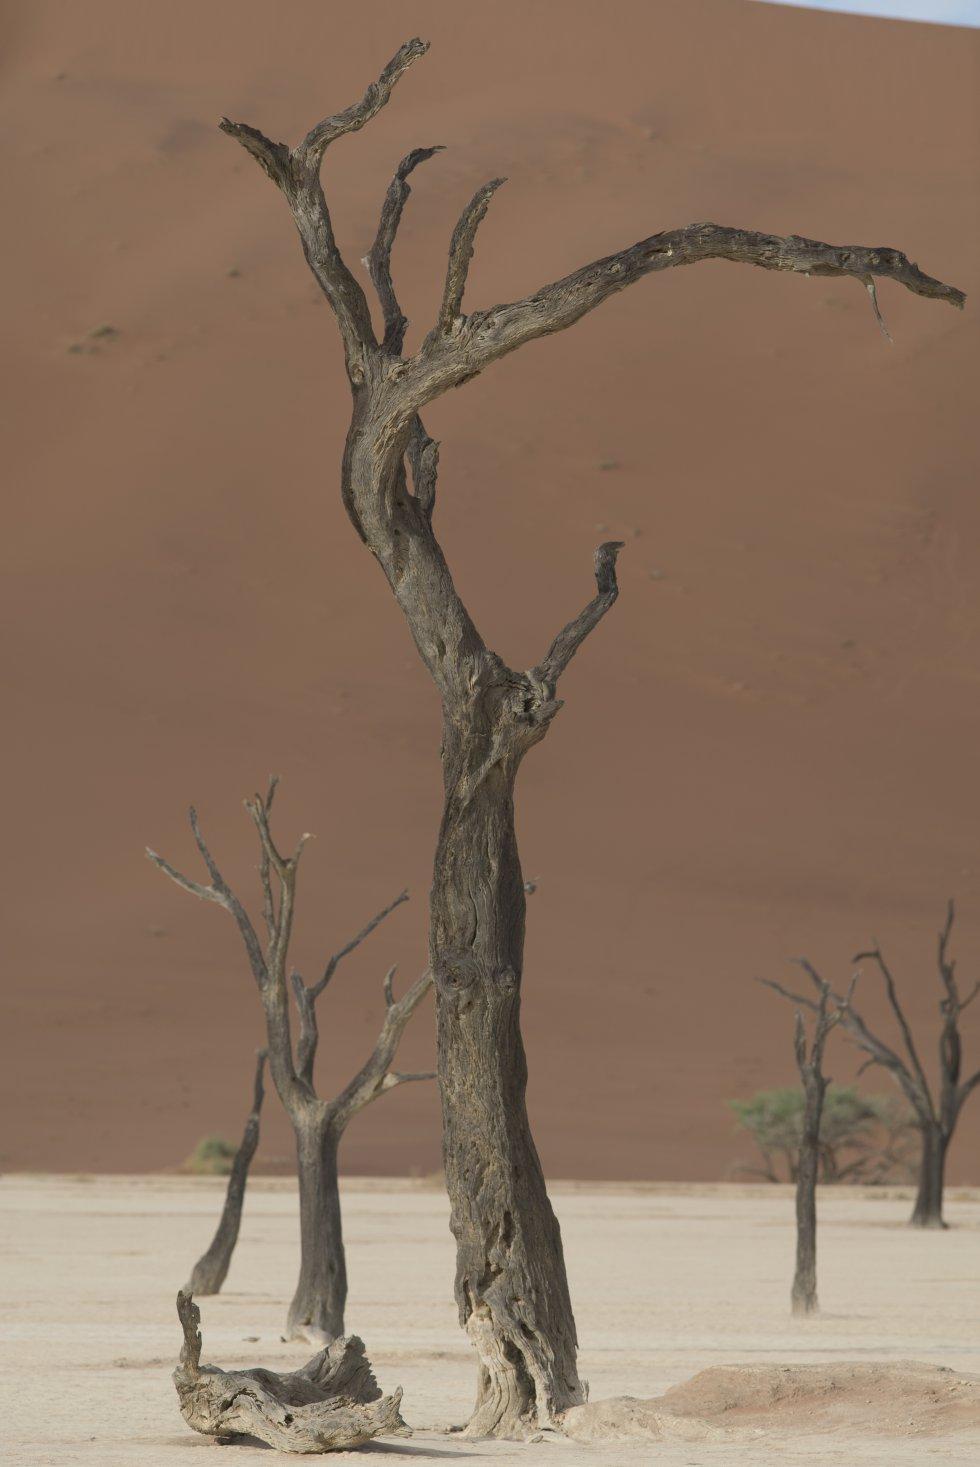 """As imagens captadas retratam elementos fantásticos em meio ao nada. E não é por acaso. Namíbia quer dizer algo como """"imenso espaço vazio""""."""